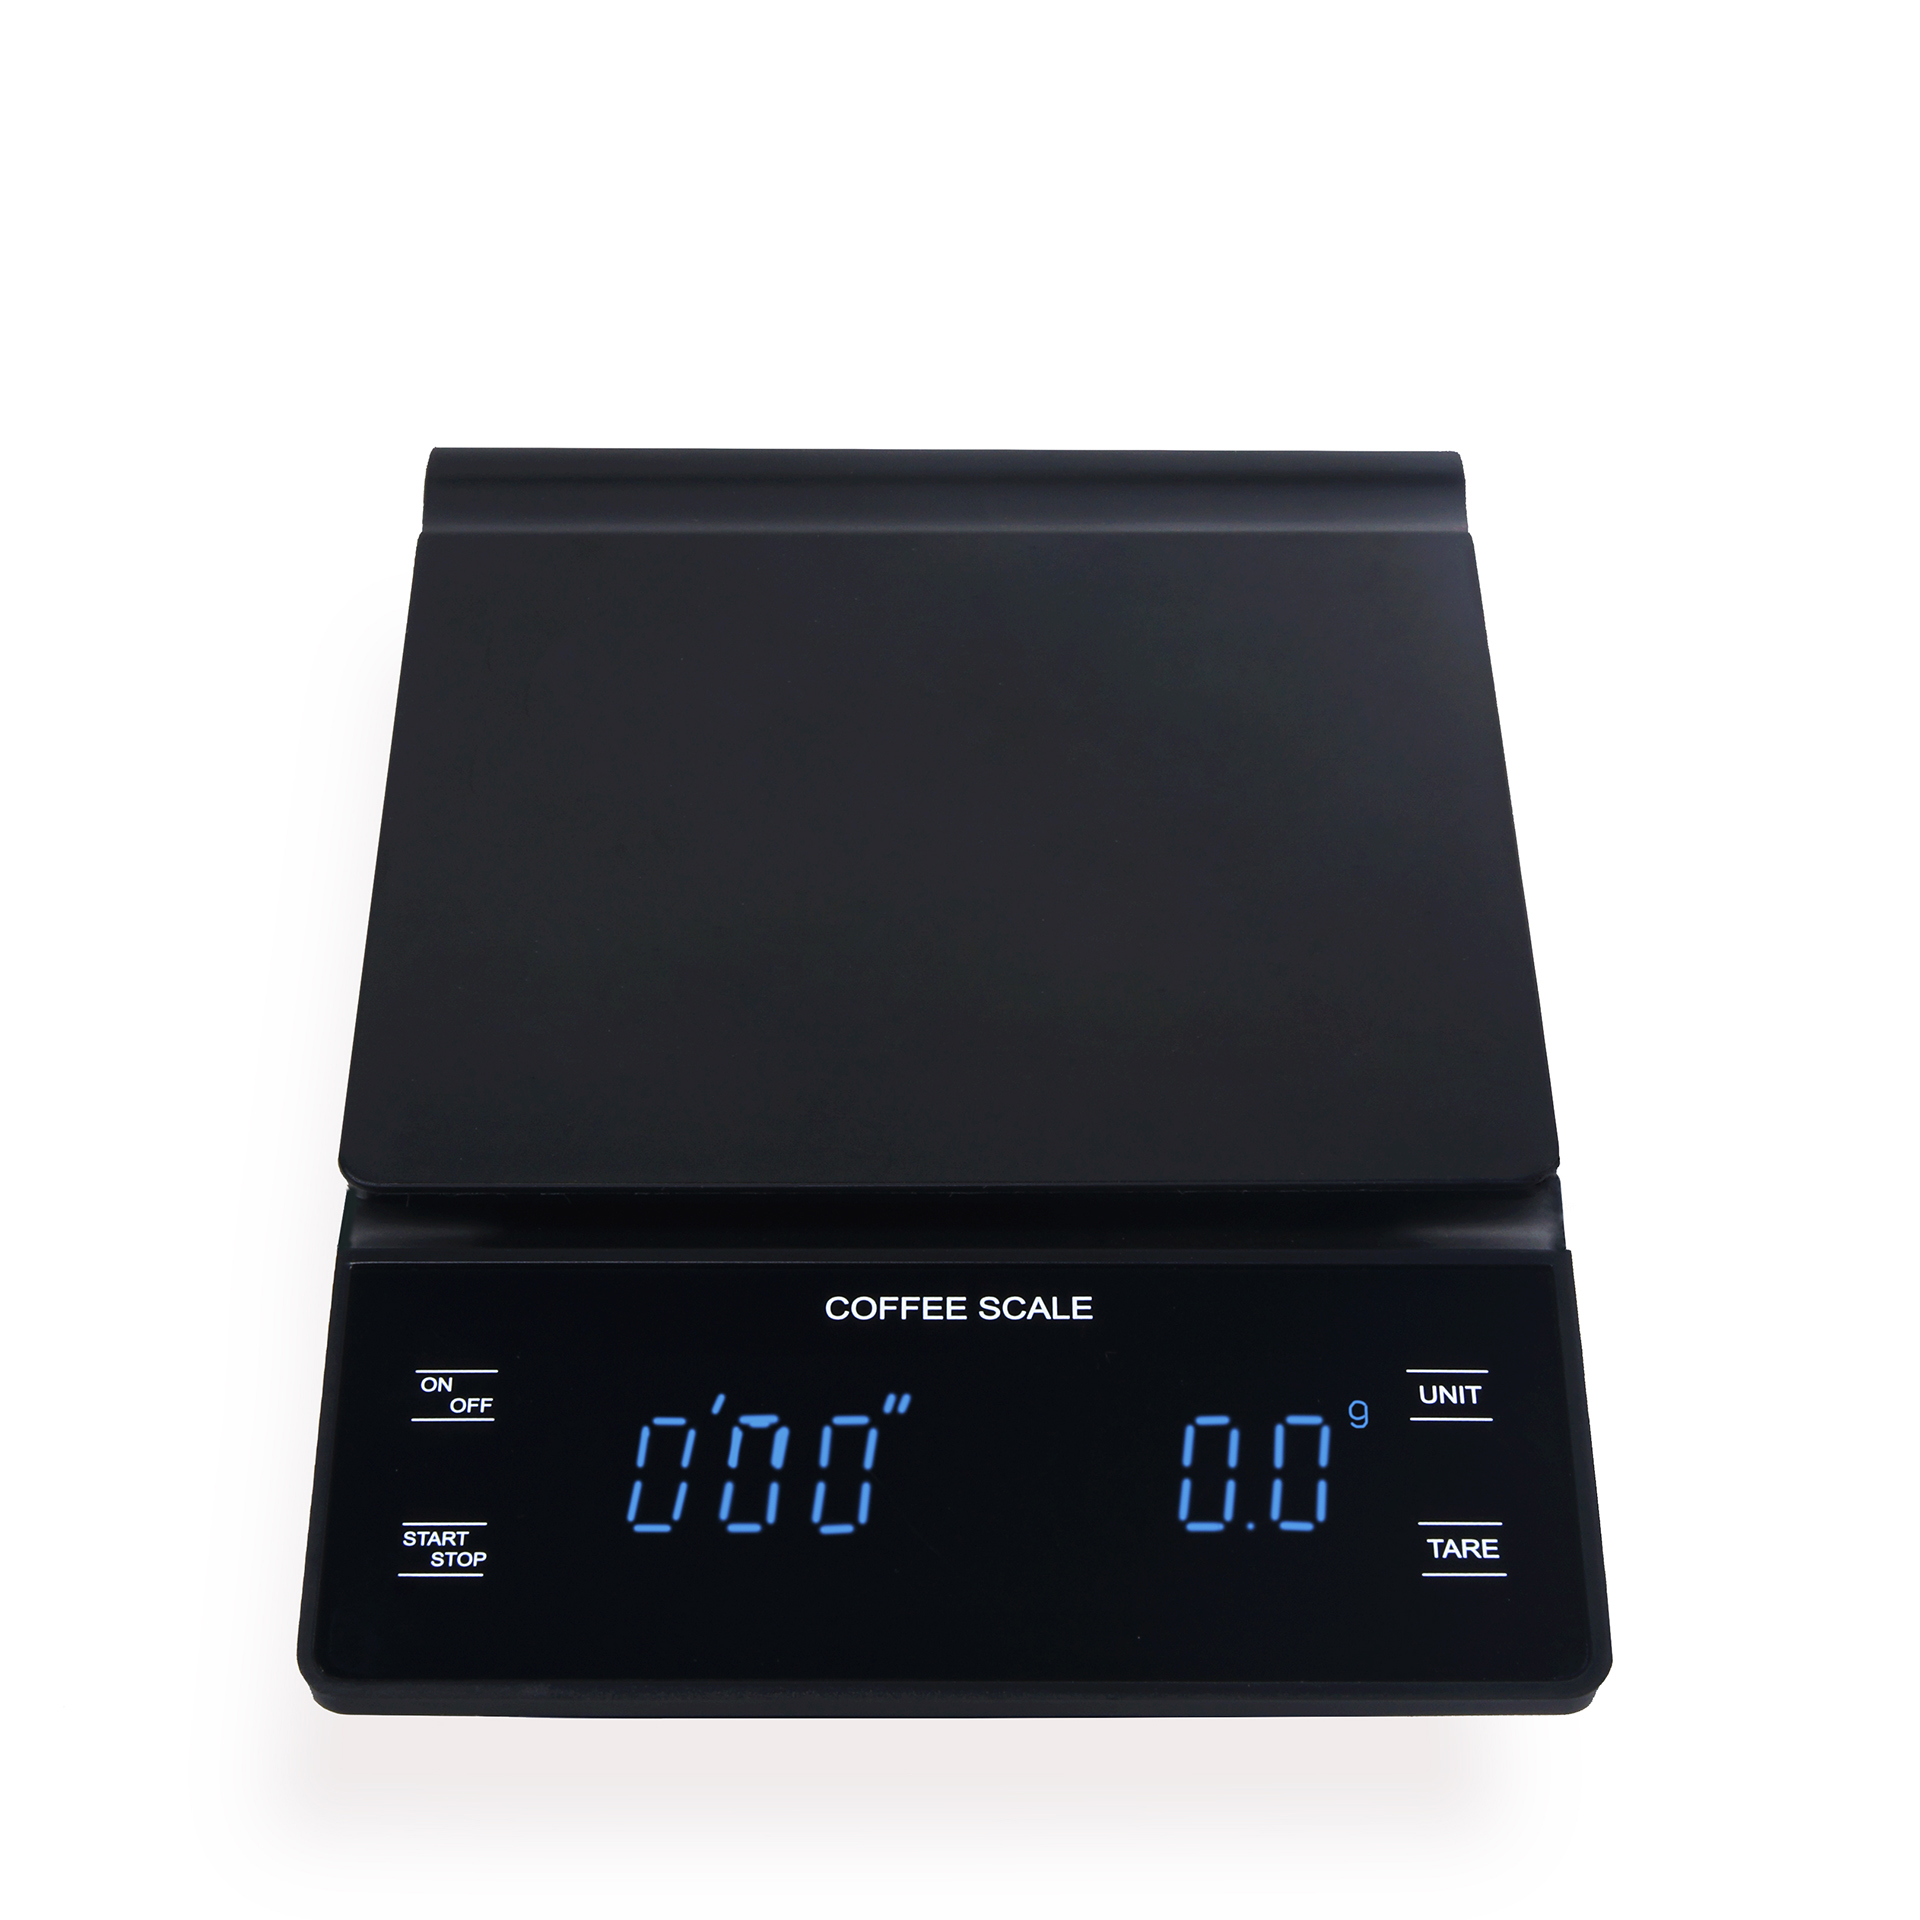 مقياس القهوة الإلكترونية اليد تنوعا بار ميزان إلكتروني غرام مقياس مع الموقت 3 كجم مقياس المطبخ LED عرض ميزان المطبخ